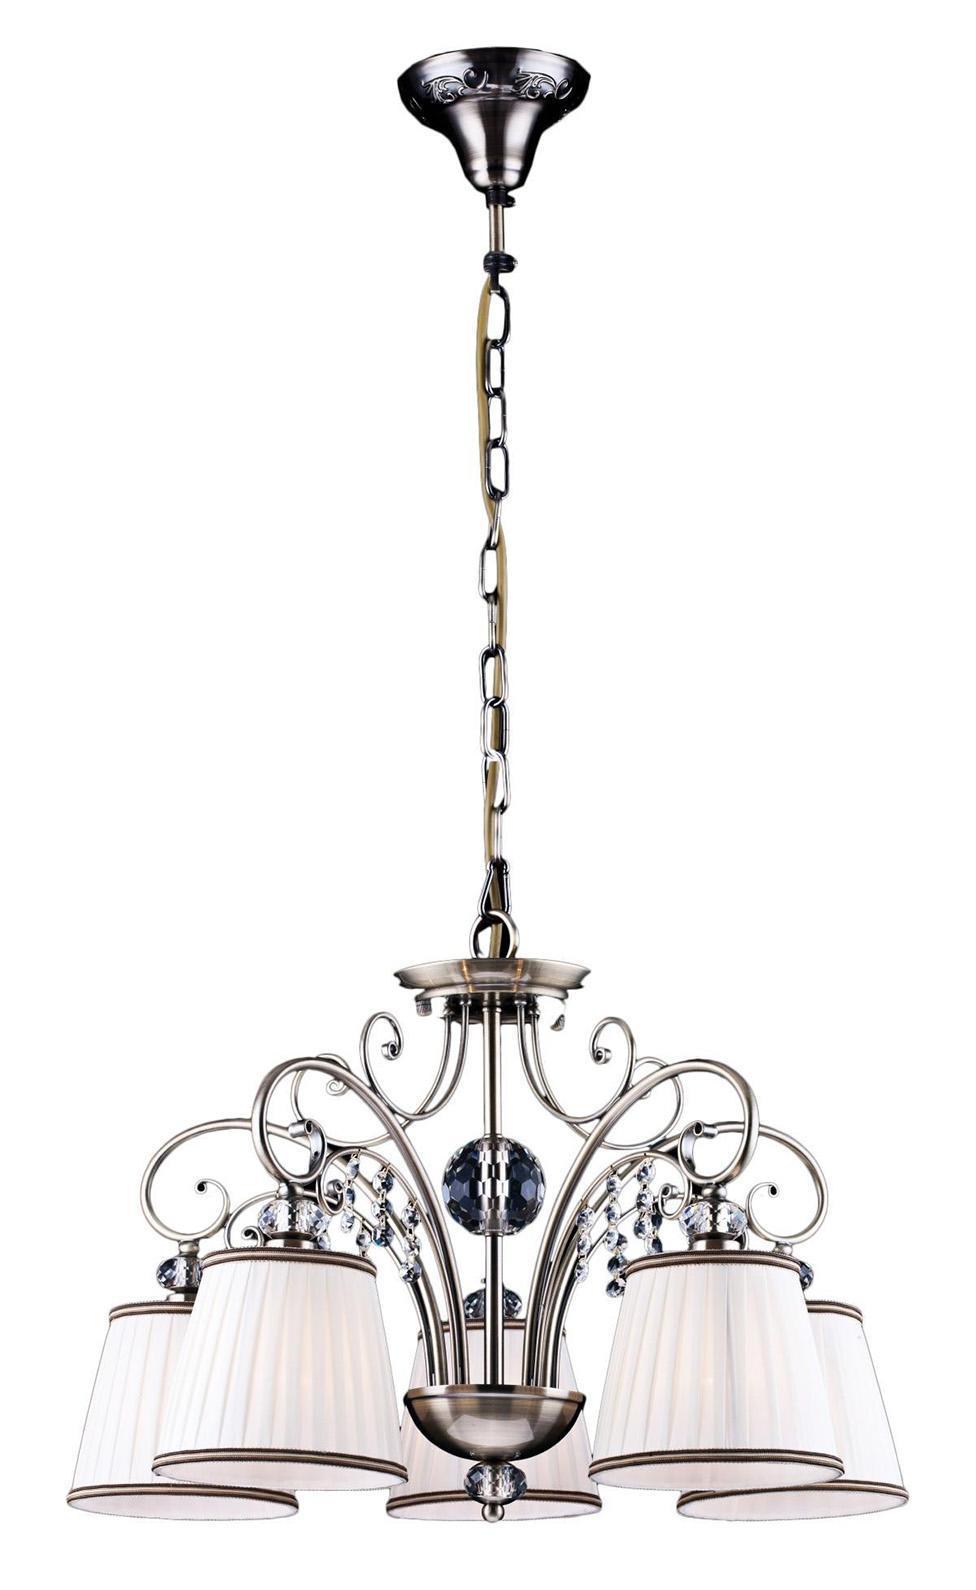 Люстра Arte lampЛюстры<br>Назначение светильника: для гостиной,<br>Стиль светильника: классика,<br>Тип: подвесная,<br>Материал светильника: металл, ткань,<br>Материал плафона: ткань,<br>Материал арматуры: металл,<br>Диаметр: 570,<br>Высота: 400,<br>Количество ламп: 5,<br>Тип лампы: накаливания,<br>Мощность: 300,<br>Патрон: Е14,<br>Цвет арматуры: бронза<br>